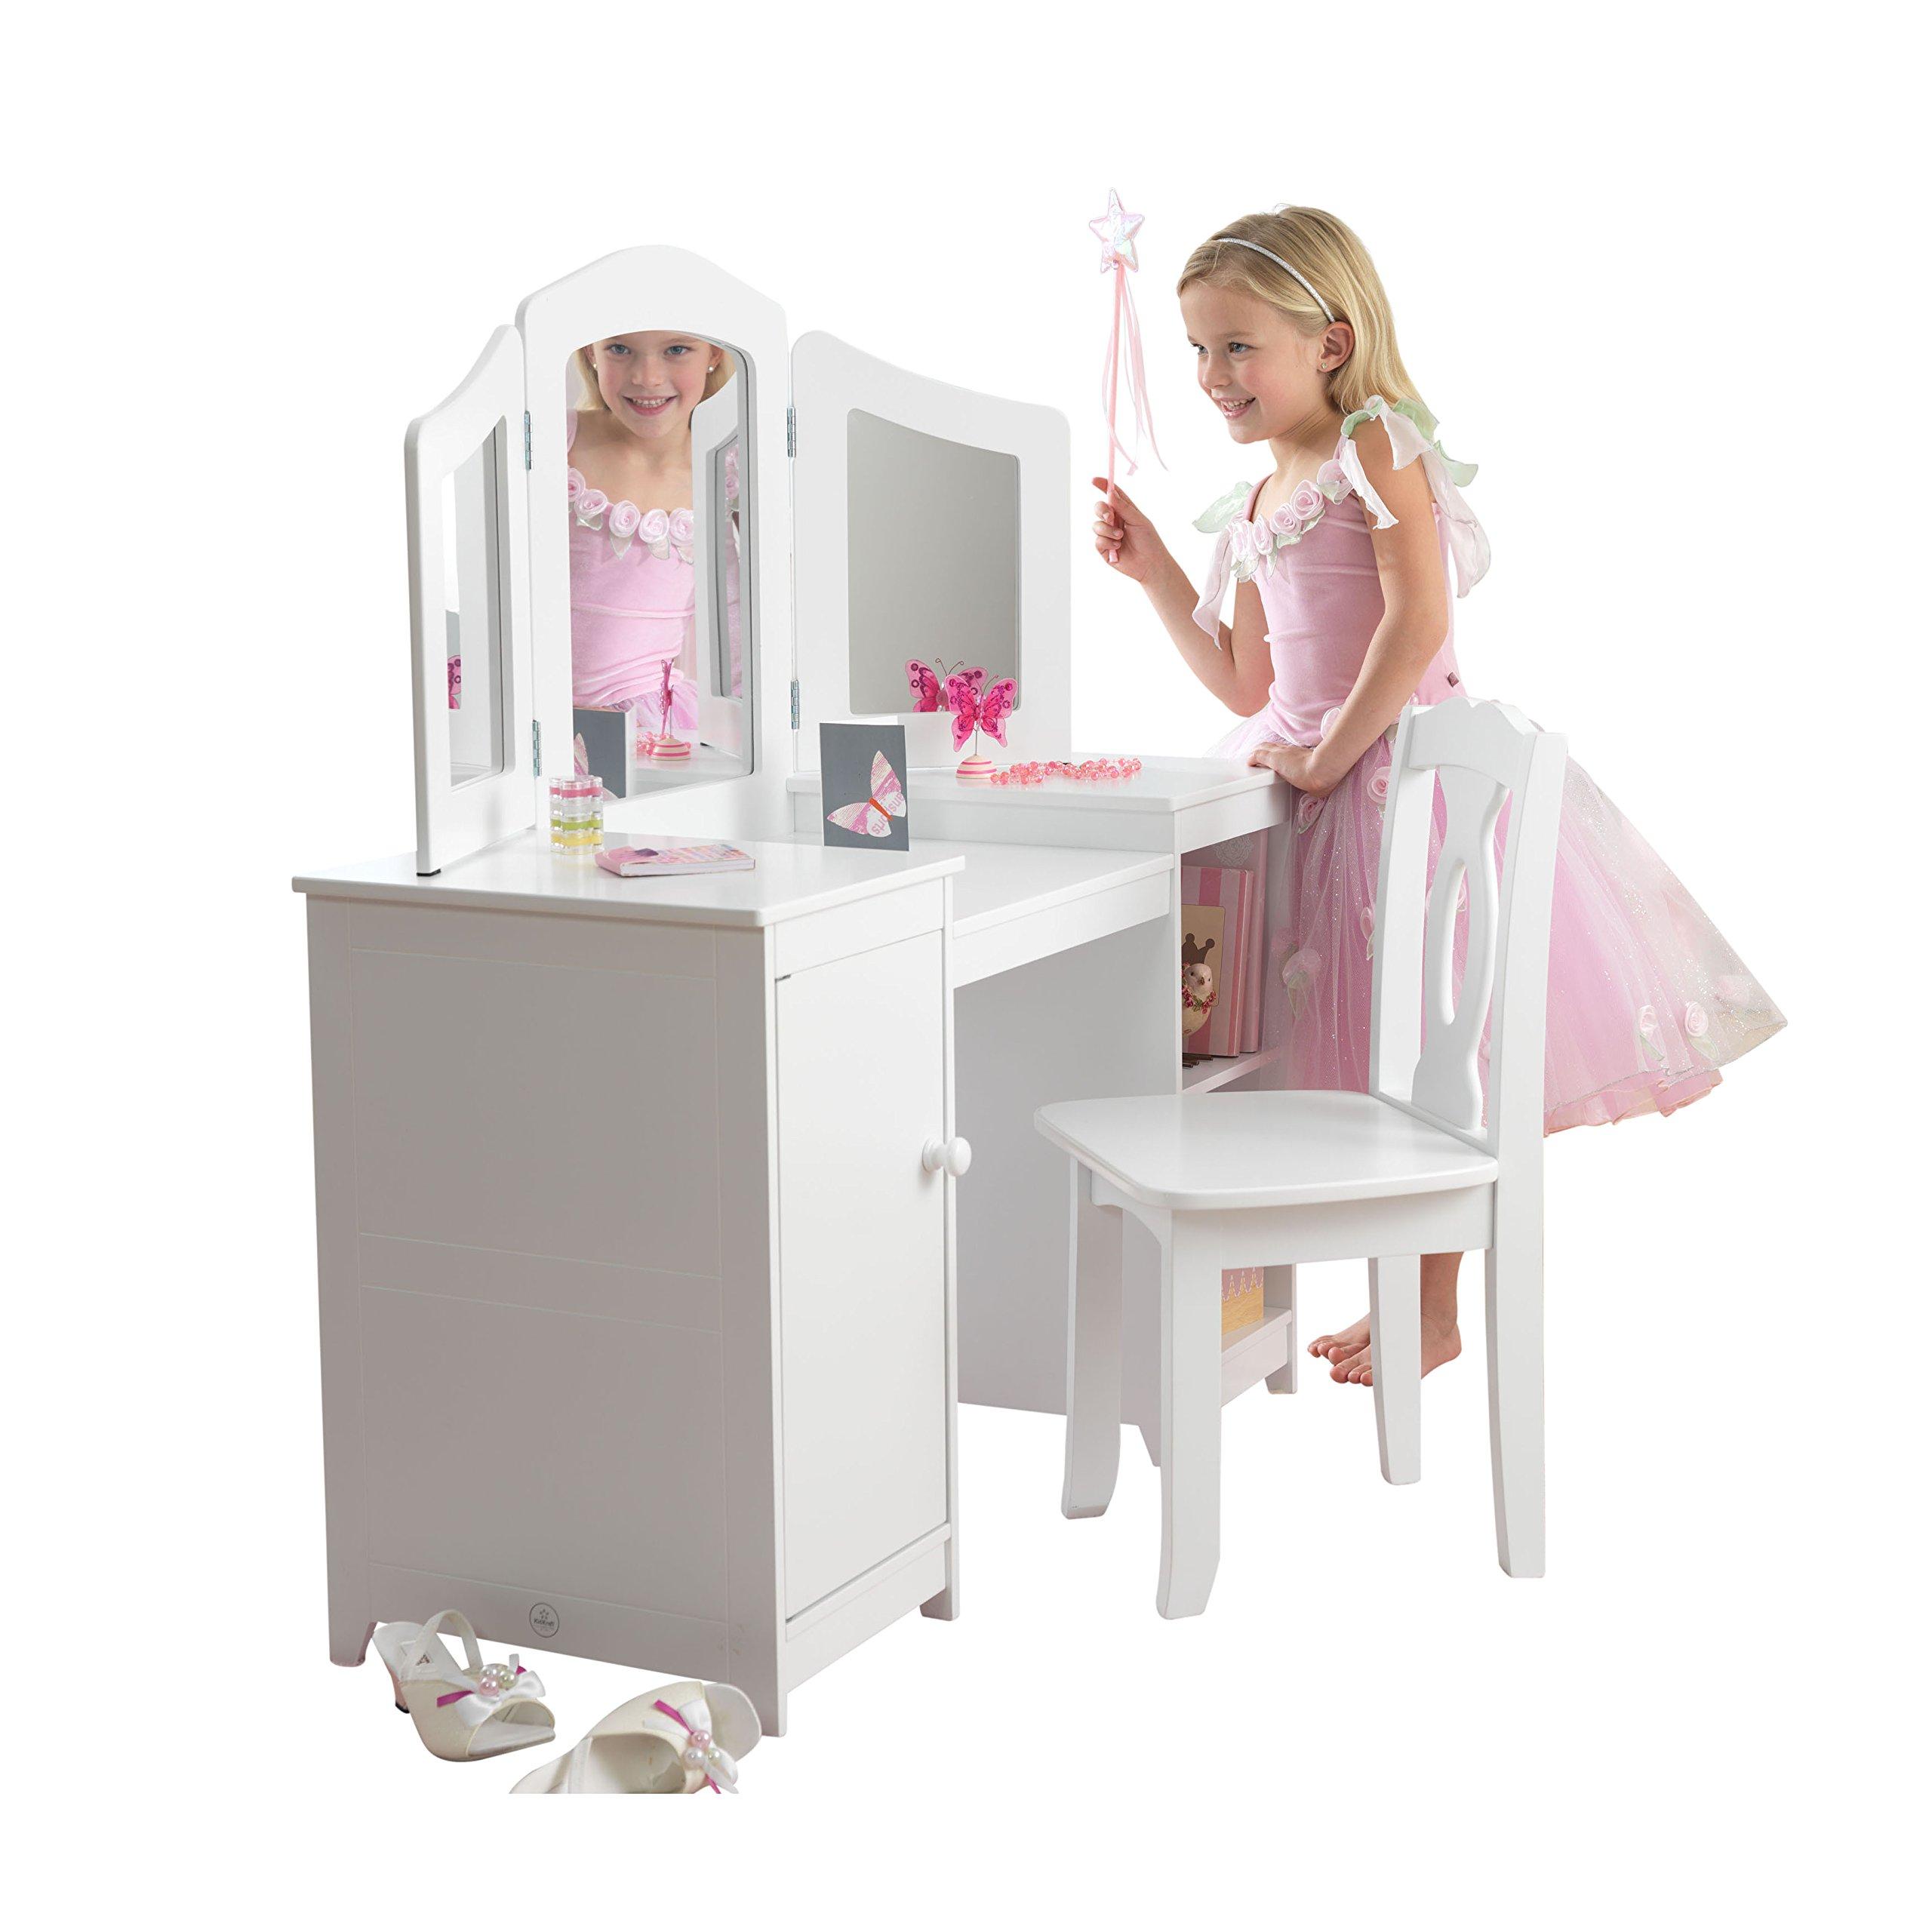 Kidkraft Deluxe Vanity & Chair Toy by KidKraft